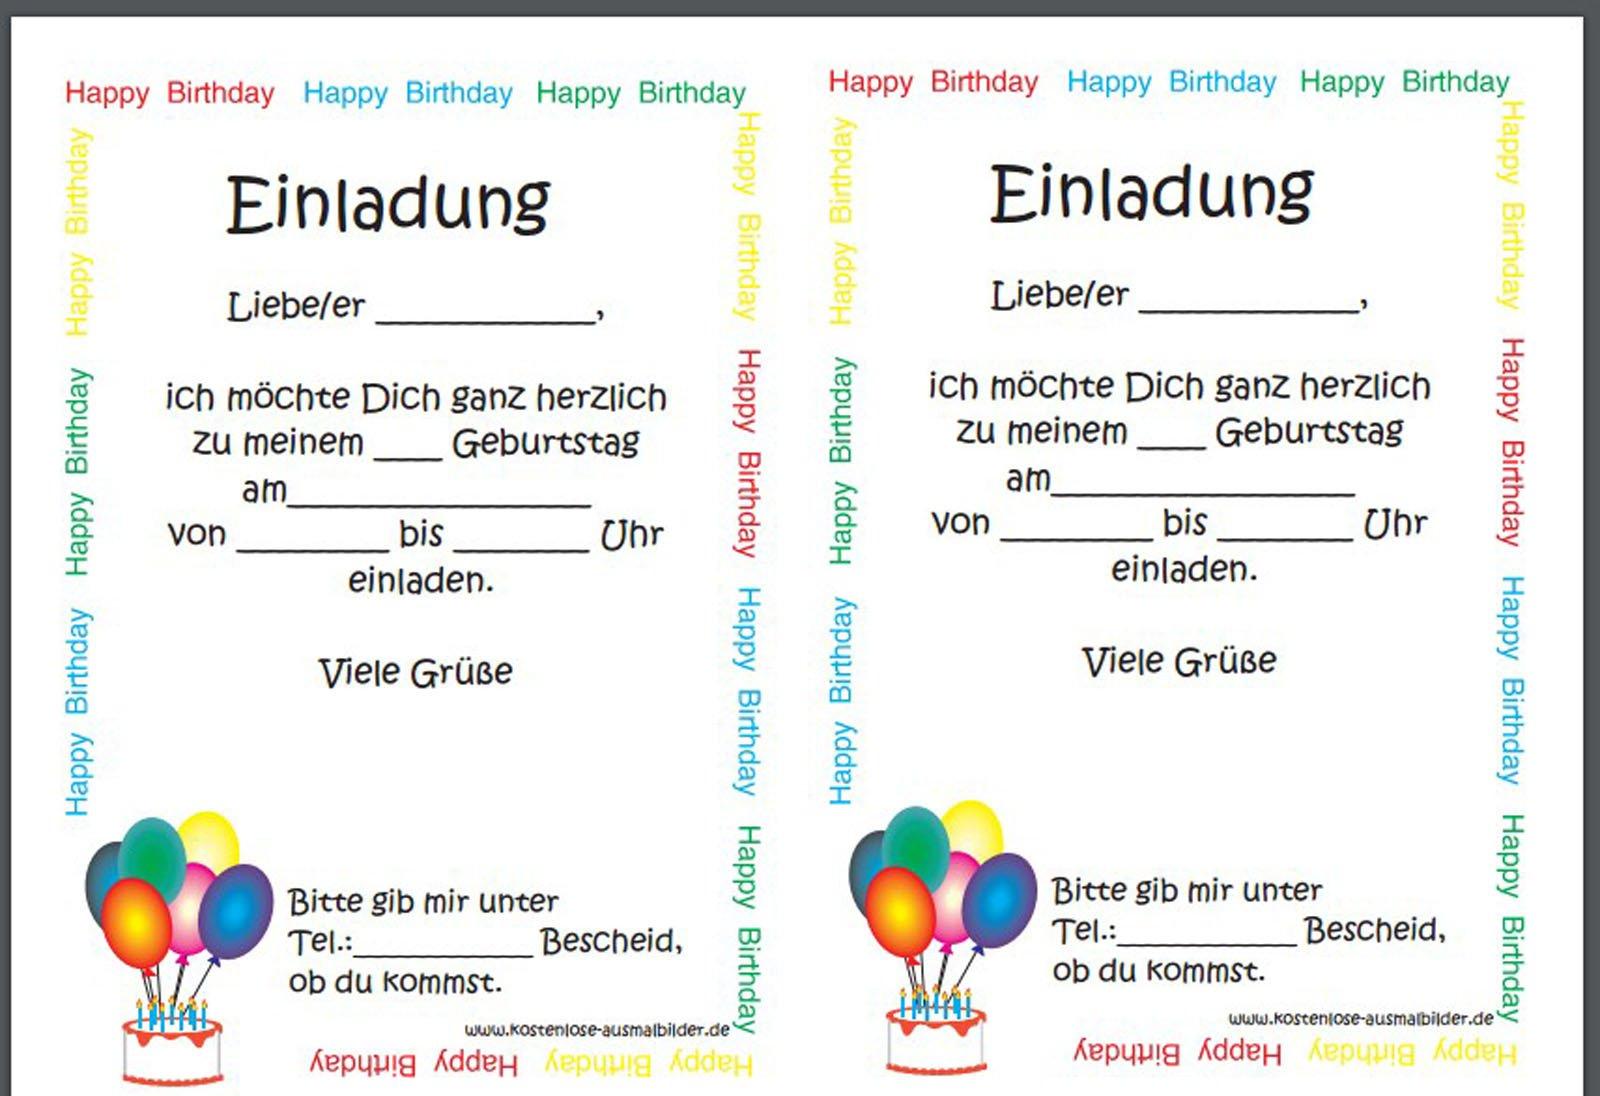 Einladungen Geburtstag Kostenlos : Einladungen Geburtstag Kostenlos ...